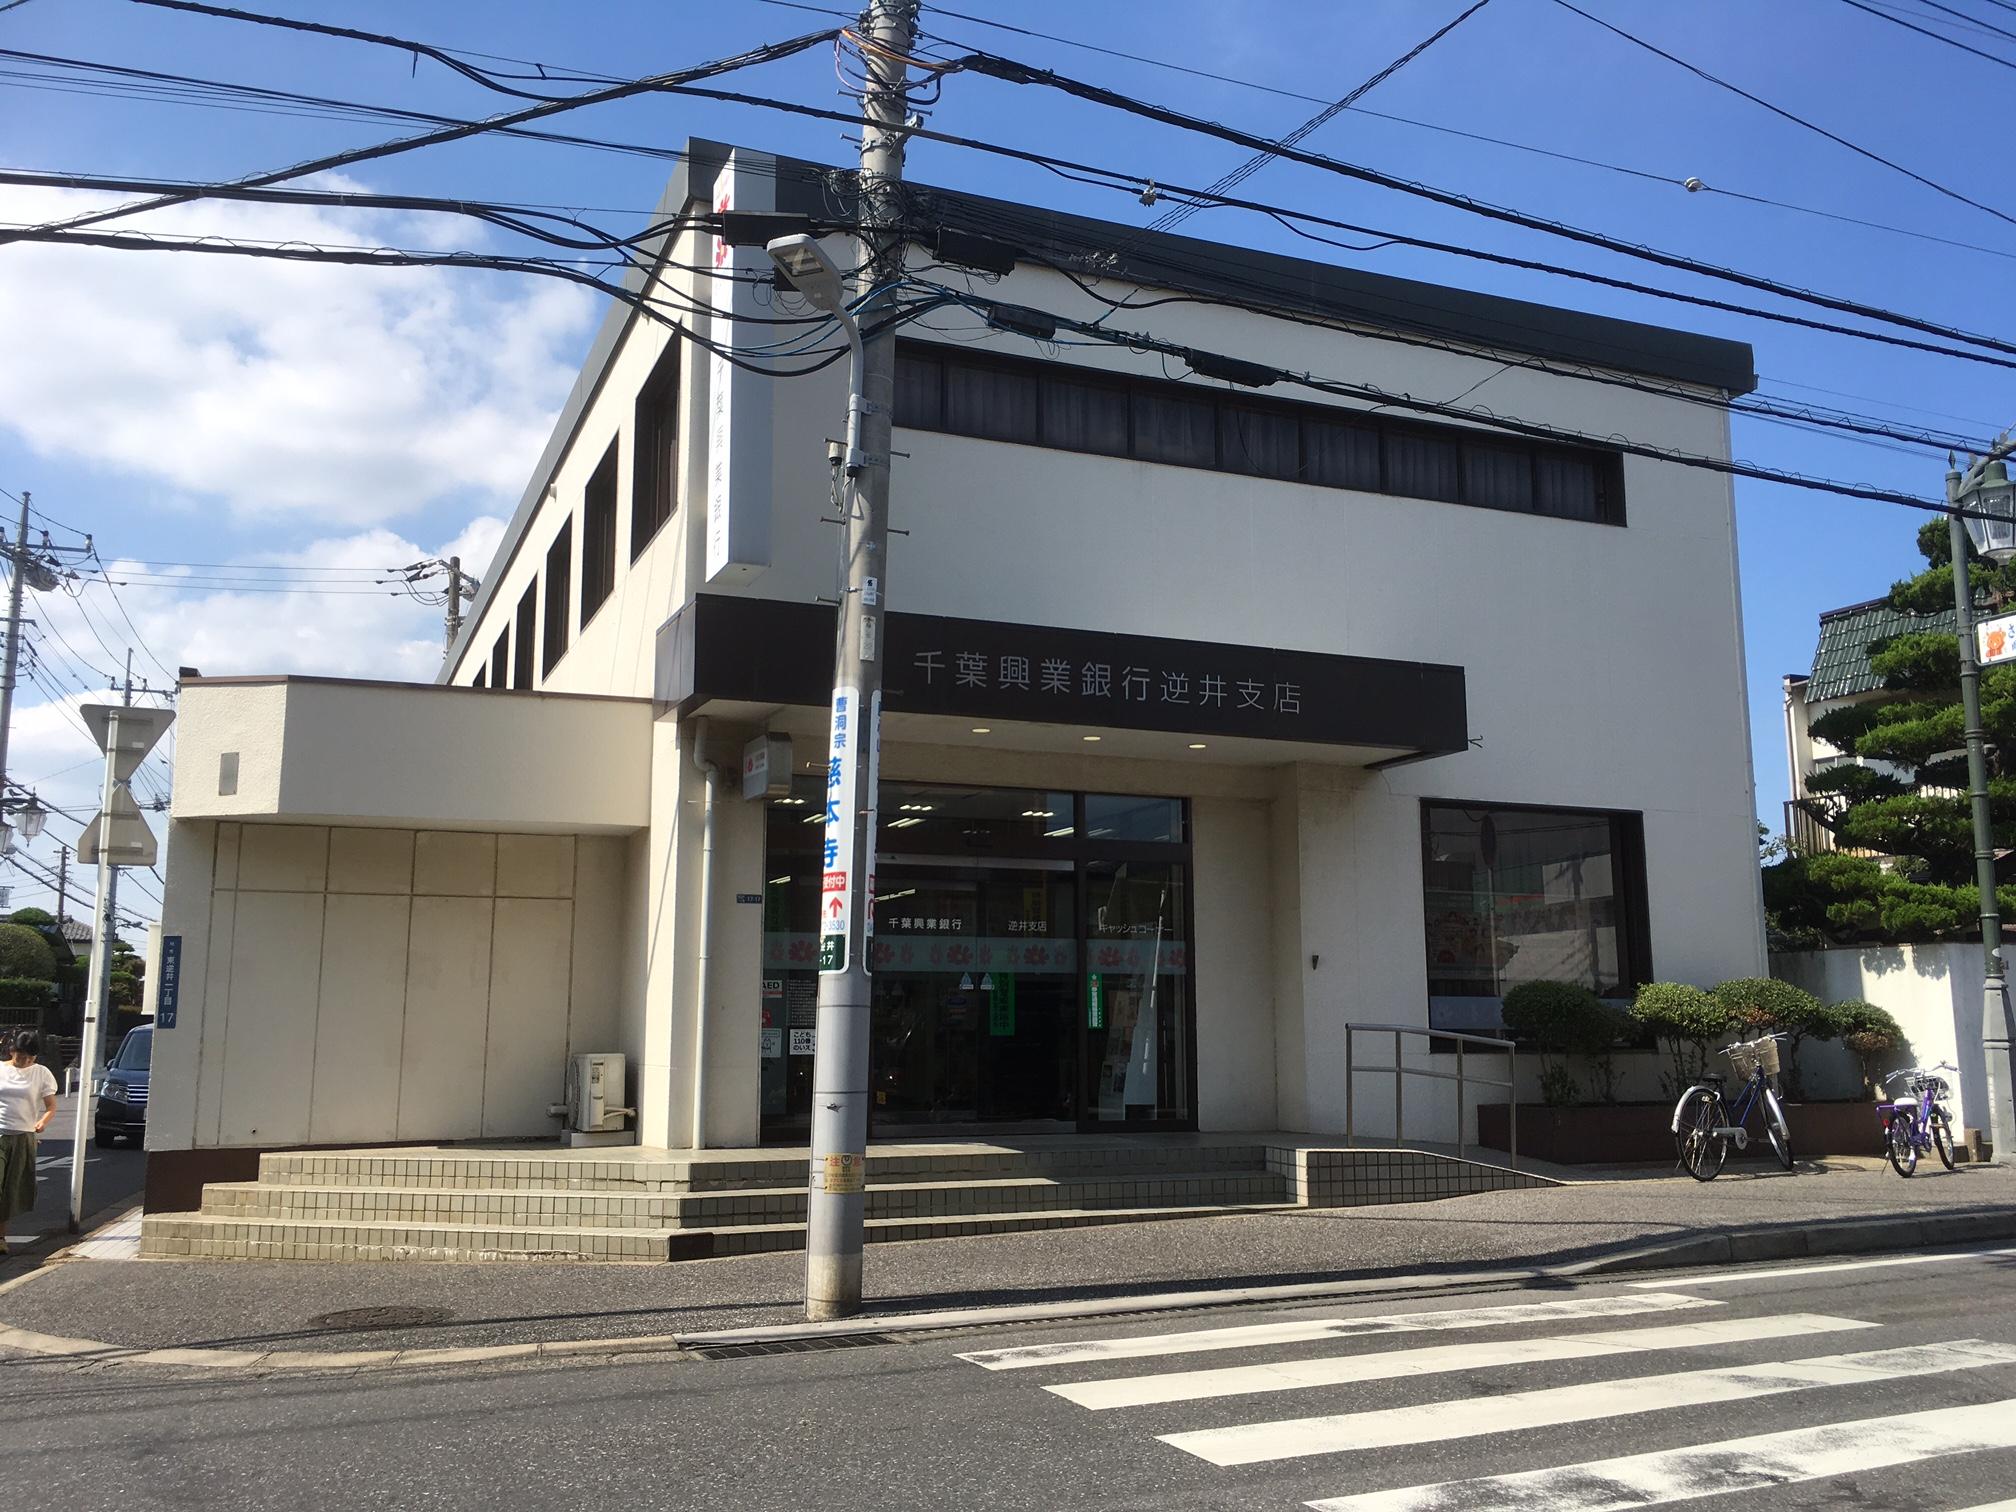 銀行:千葉興業銀行 逆井支店 327m